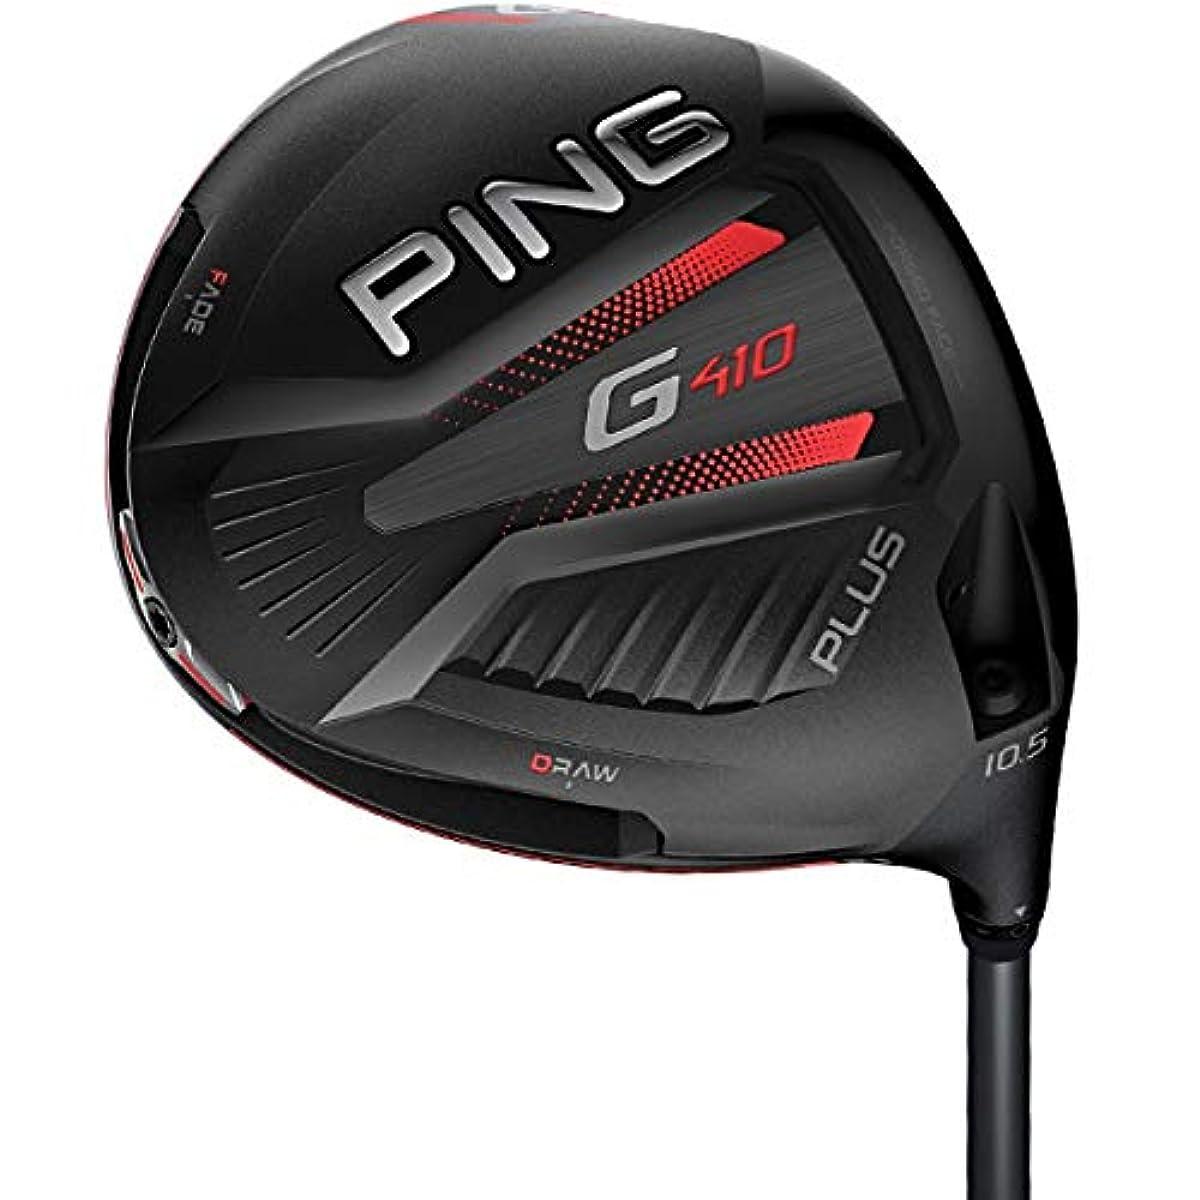 [해외] PING(핀) G410 PLUS 드라이어이버 ALTA J CB RED 카본 샤프트 맨즈 골프 클럽 오른손잡이용